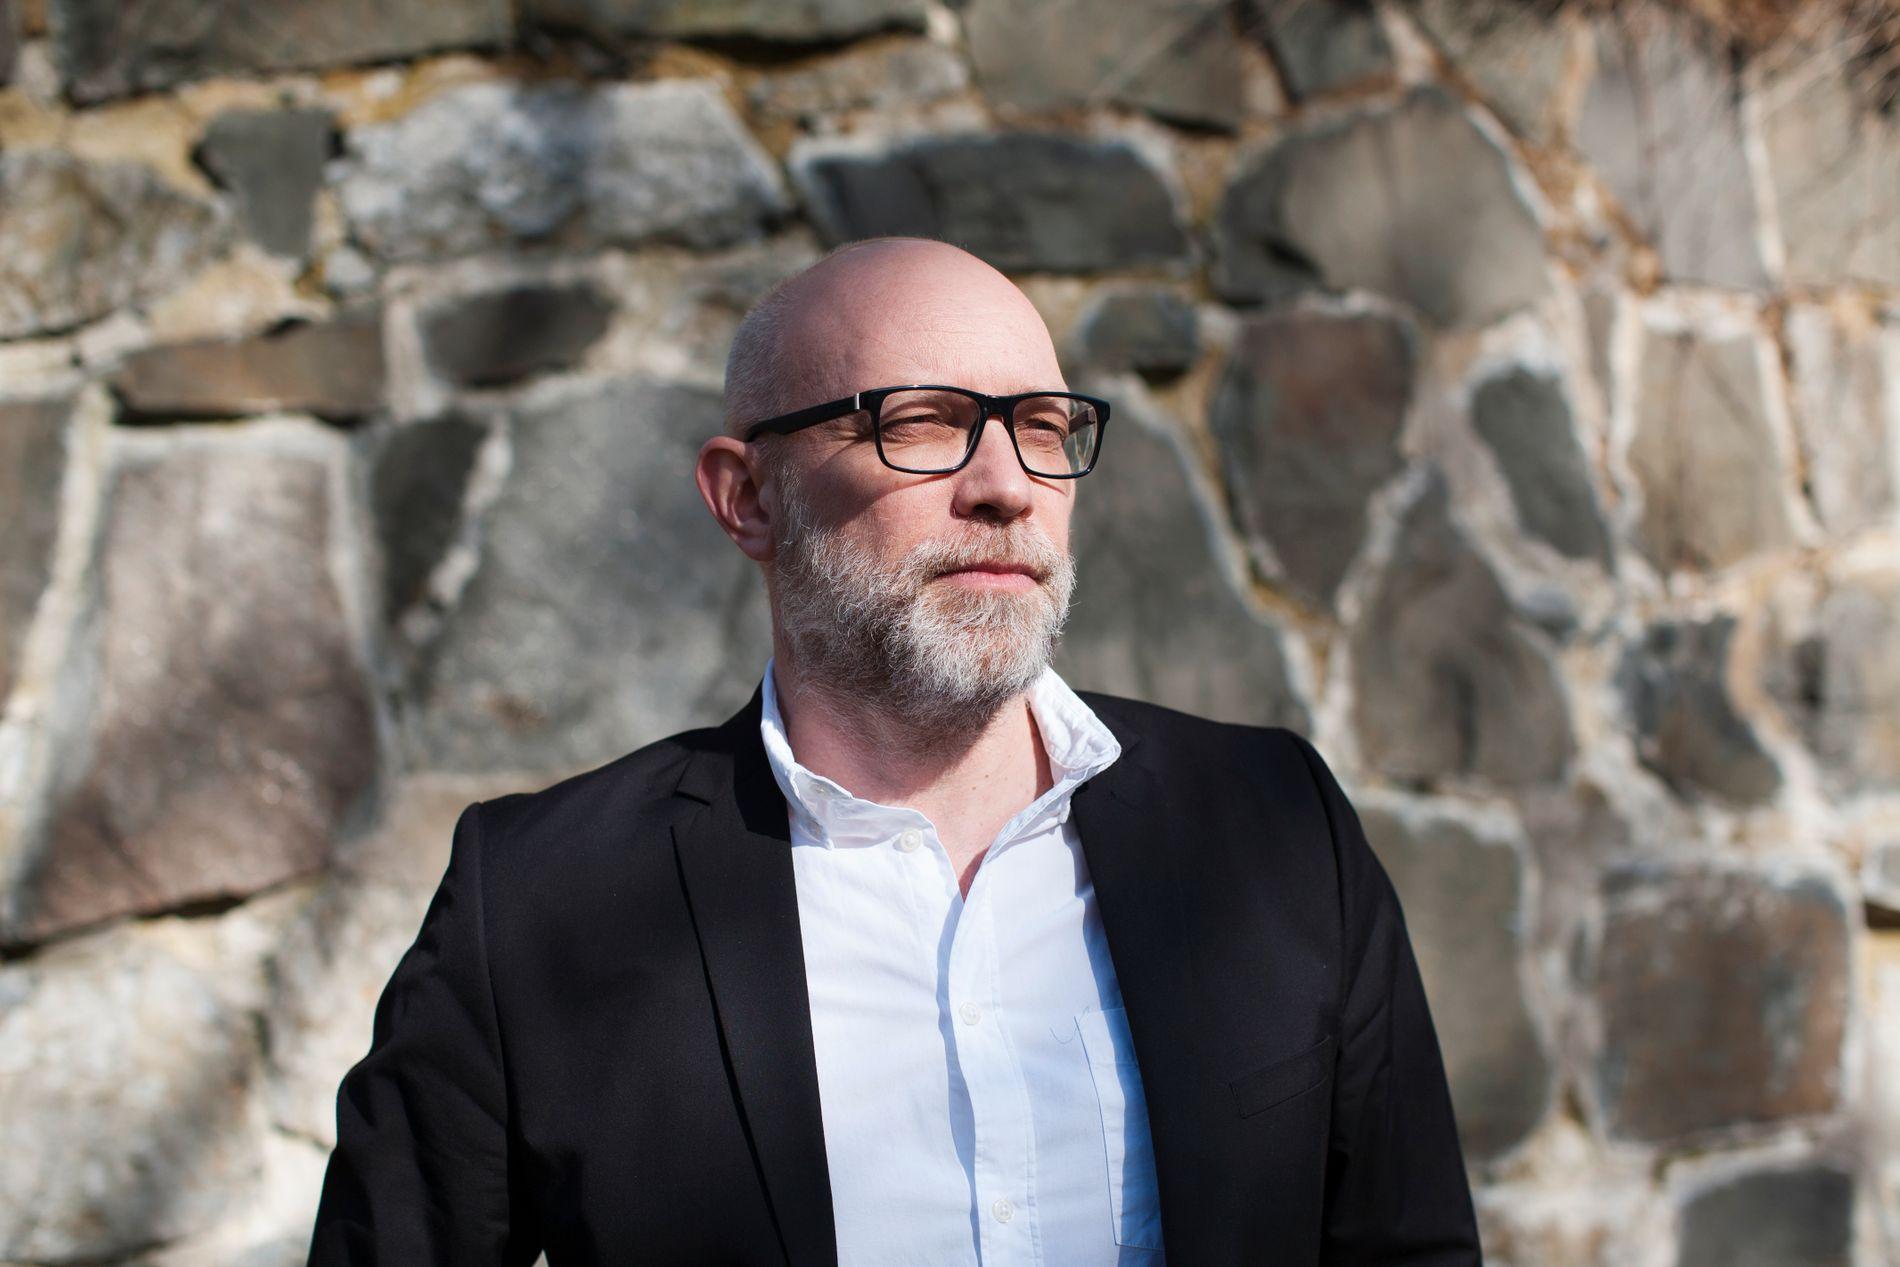 RIVERTONNOMINERT: Gard Sveen ble nominert til Rivertonprisen for «Bjørnen» som han også fikk terningkast 6 for her i VG, men årets krim blir ikke like spennende.